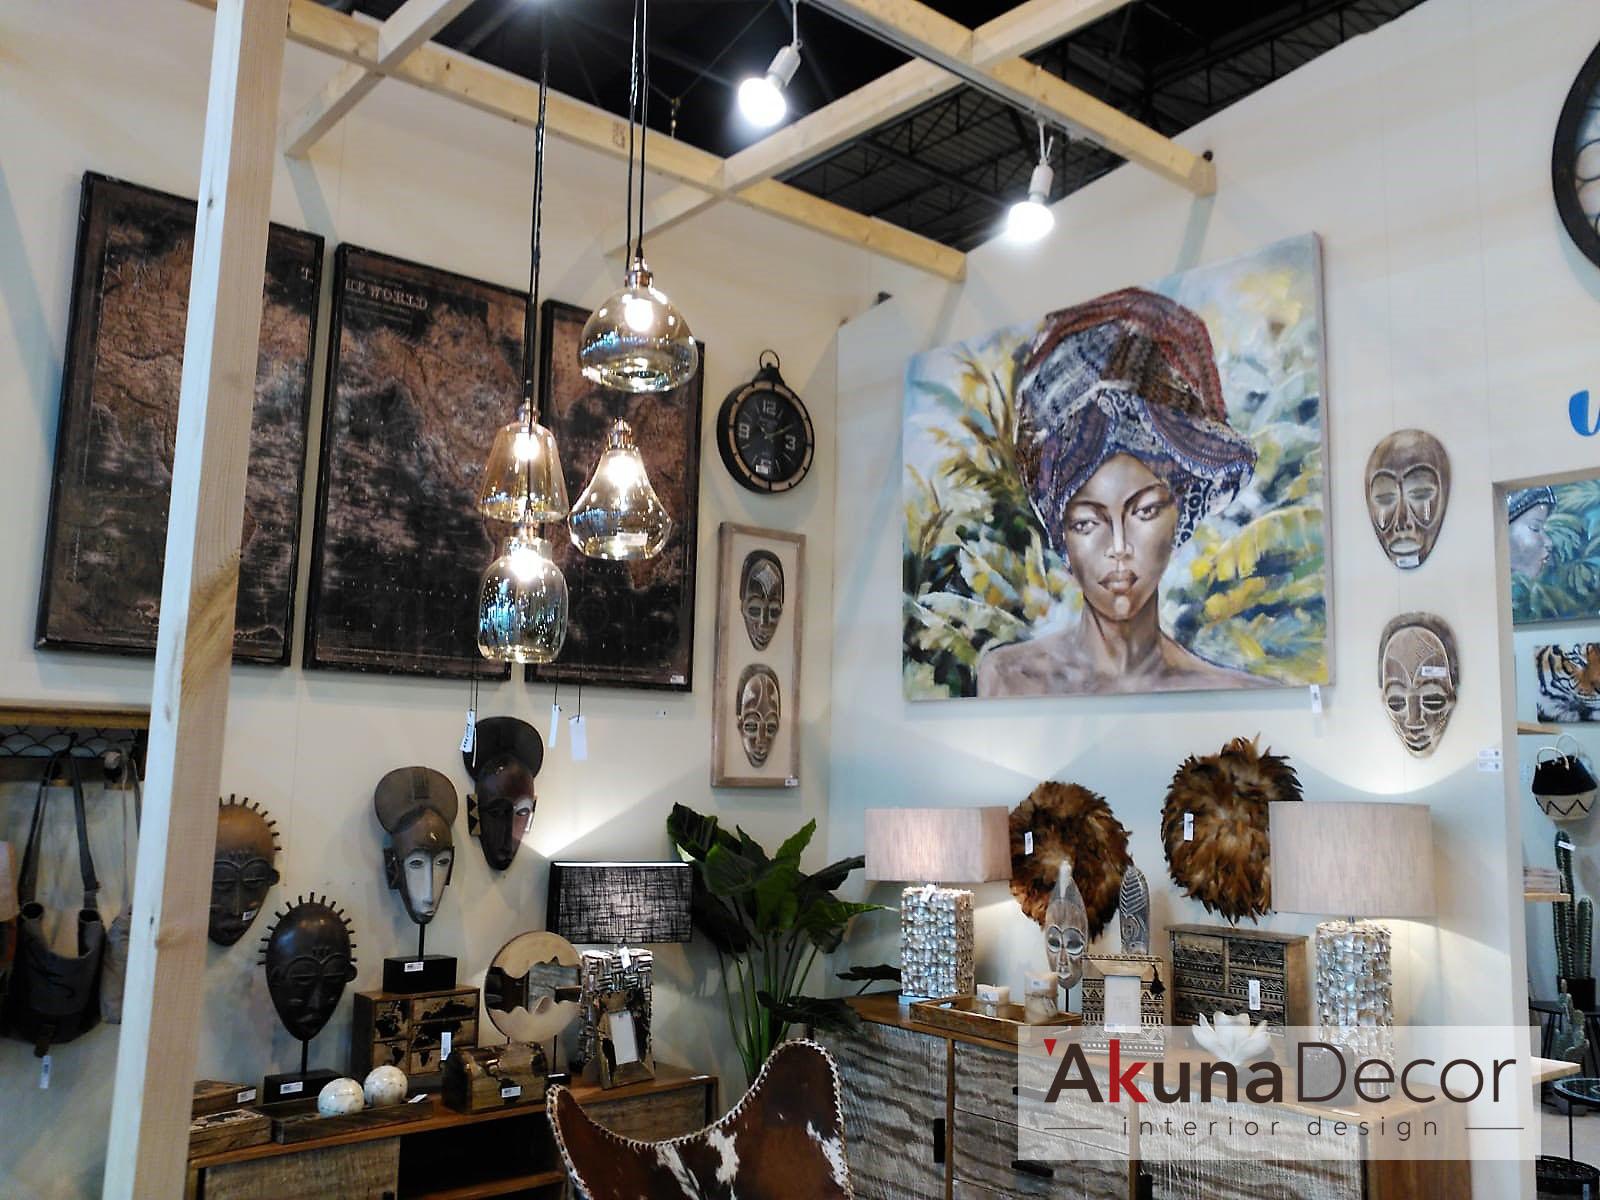 Decoración Akuna Tendencia Africana